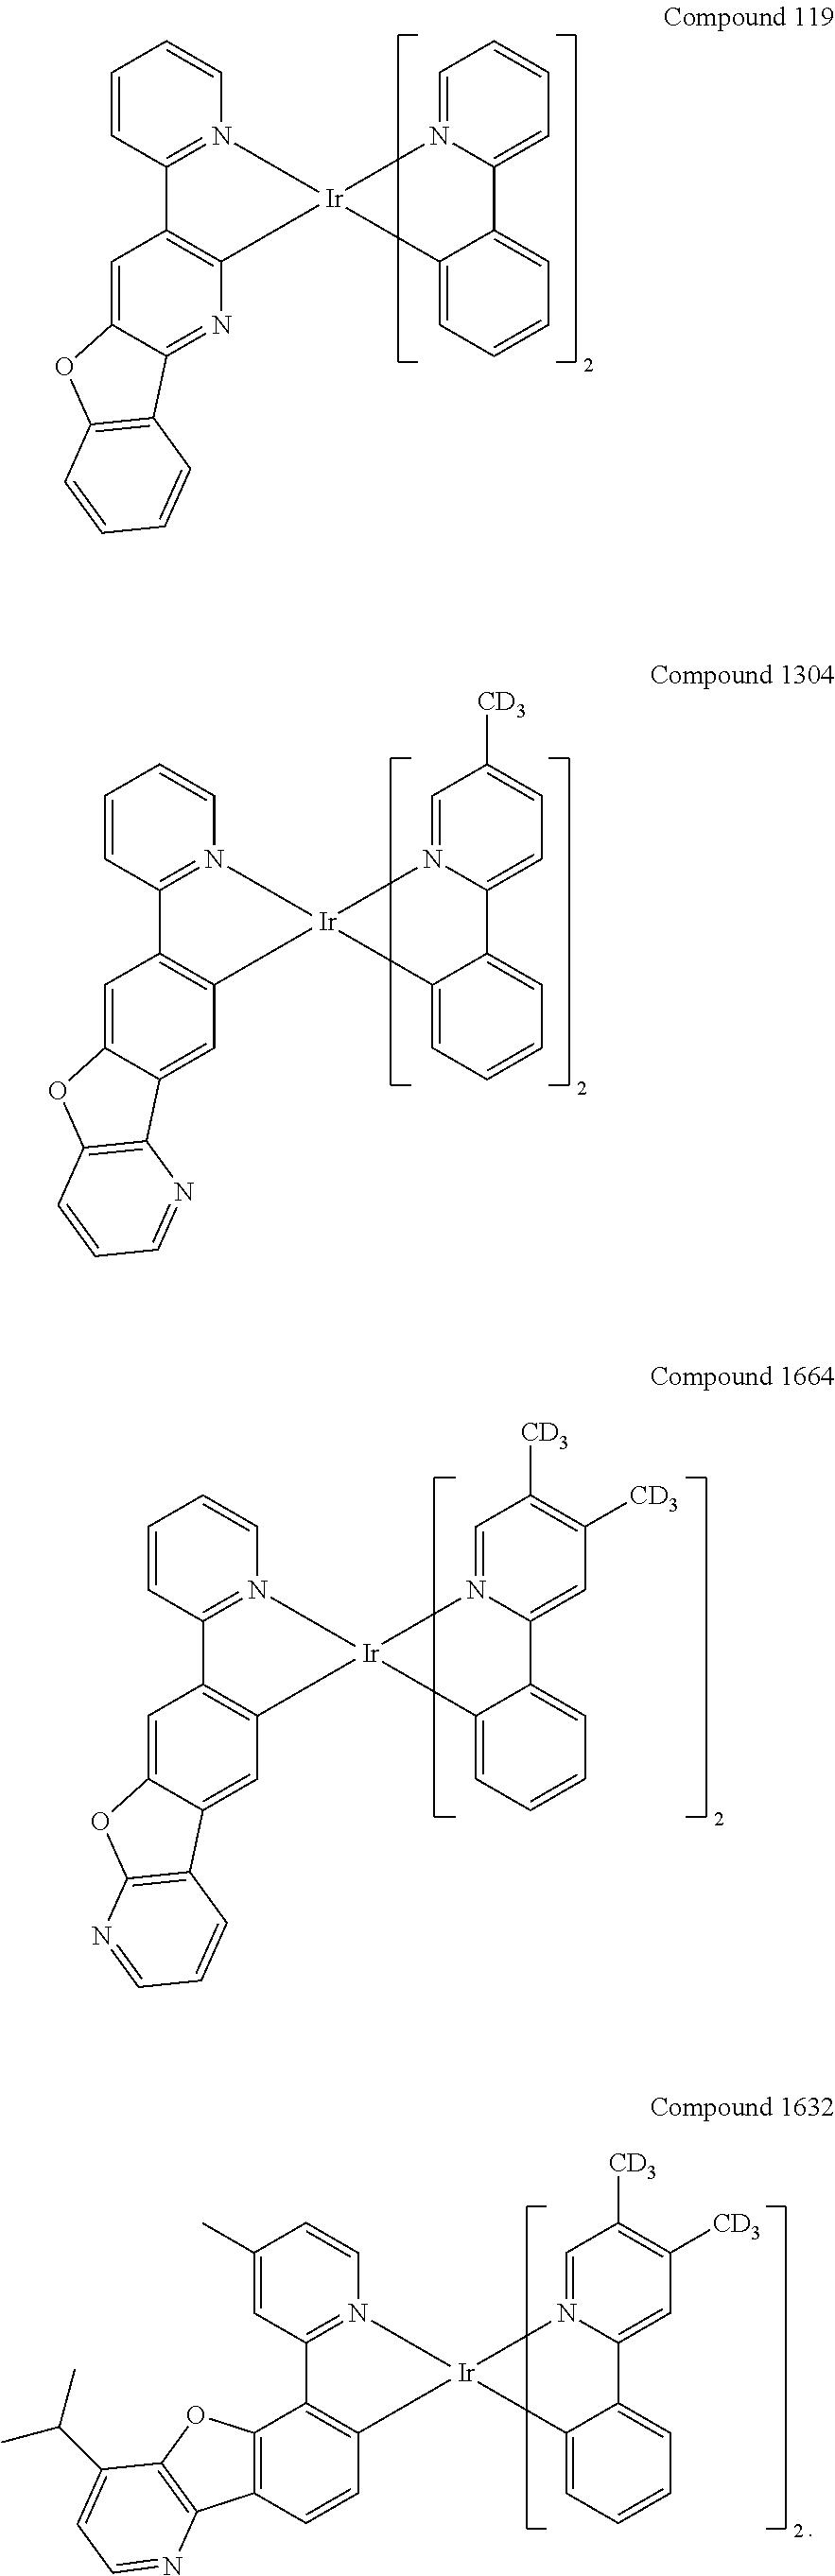 Figure US09634264-20170425-C00089